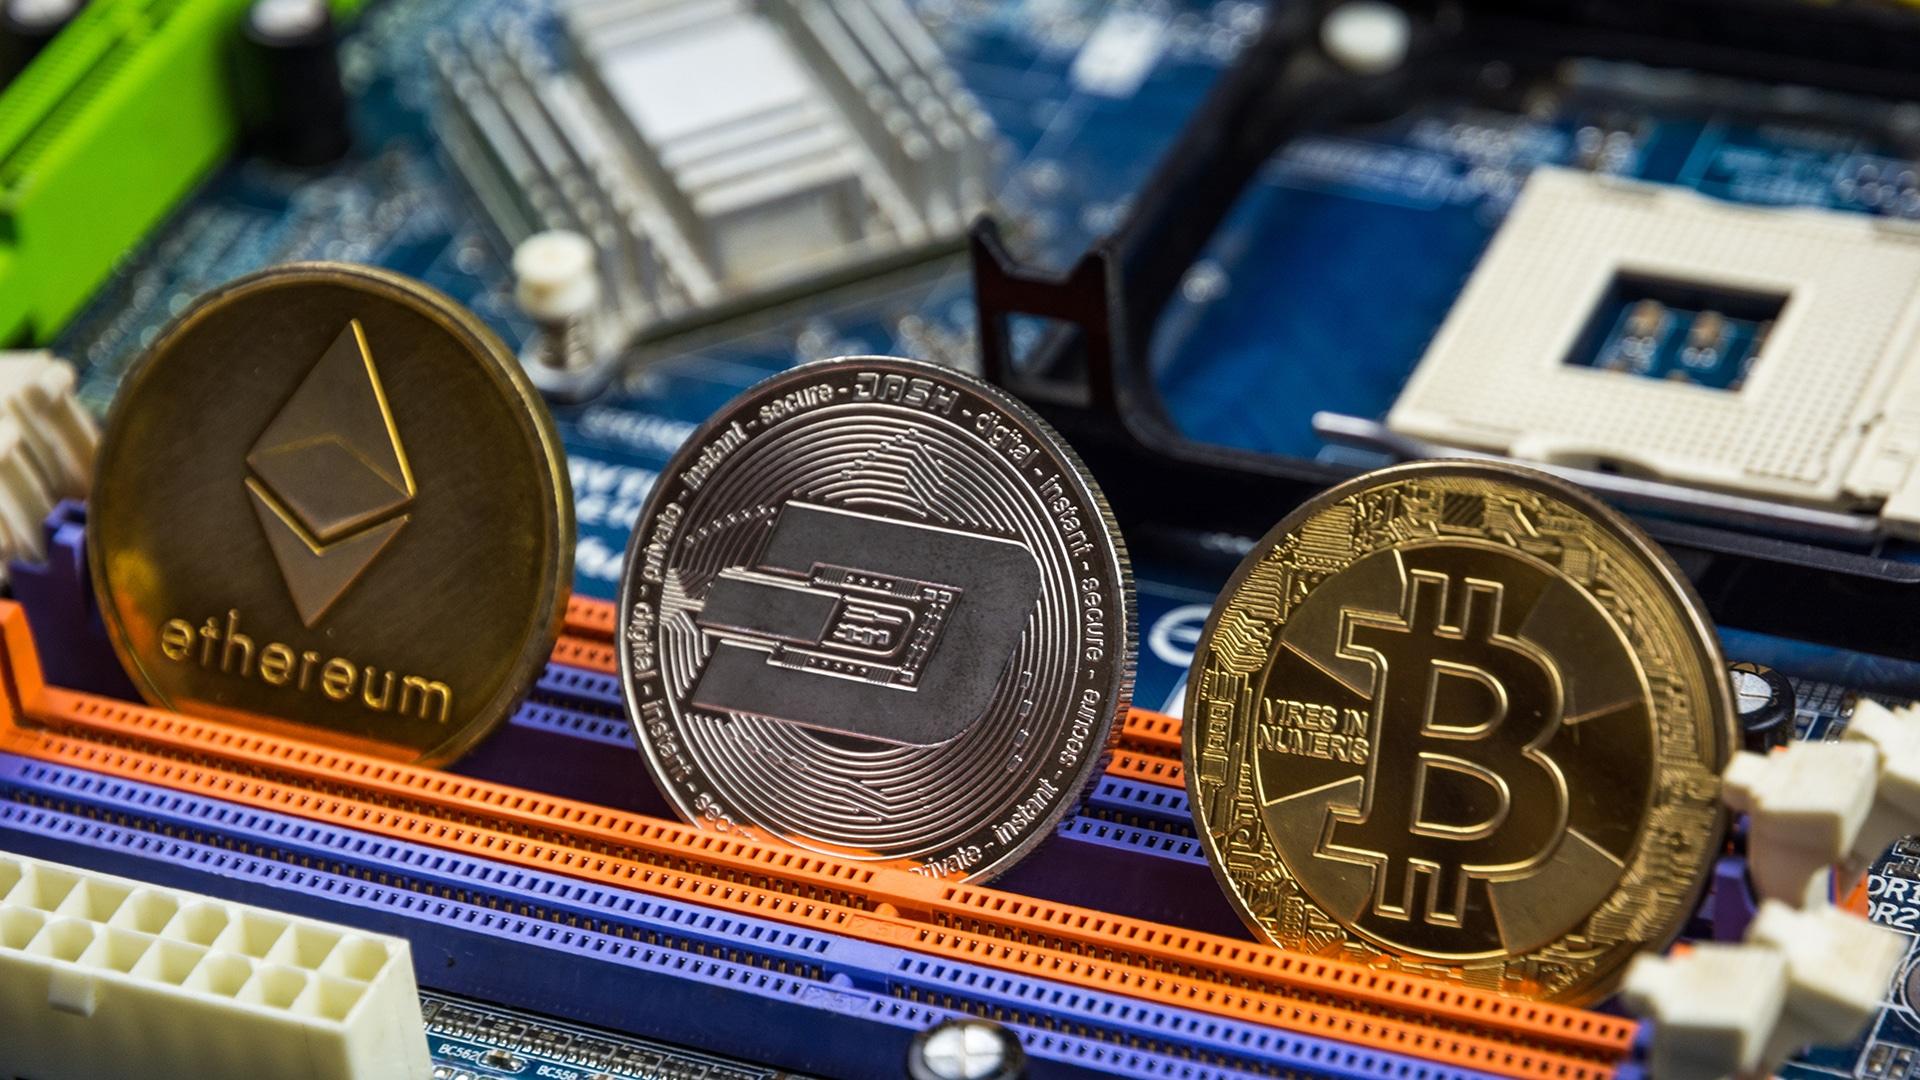 Le minage de Ethereum, Bitcoin, Cryptomonnaie sera ralenti sur les cartes graphiques de chez Nvidia.